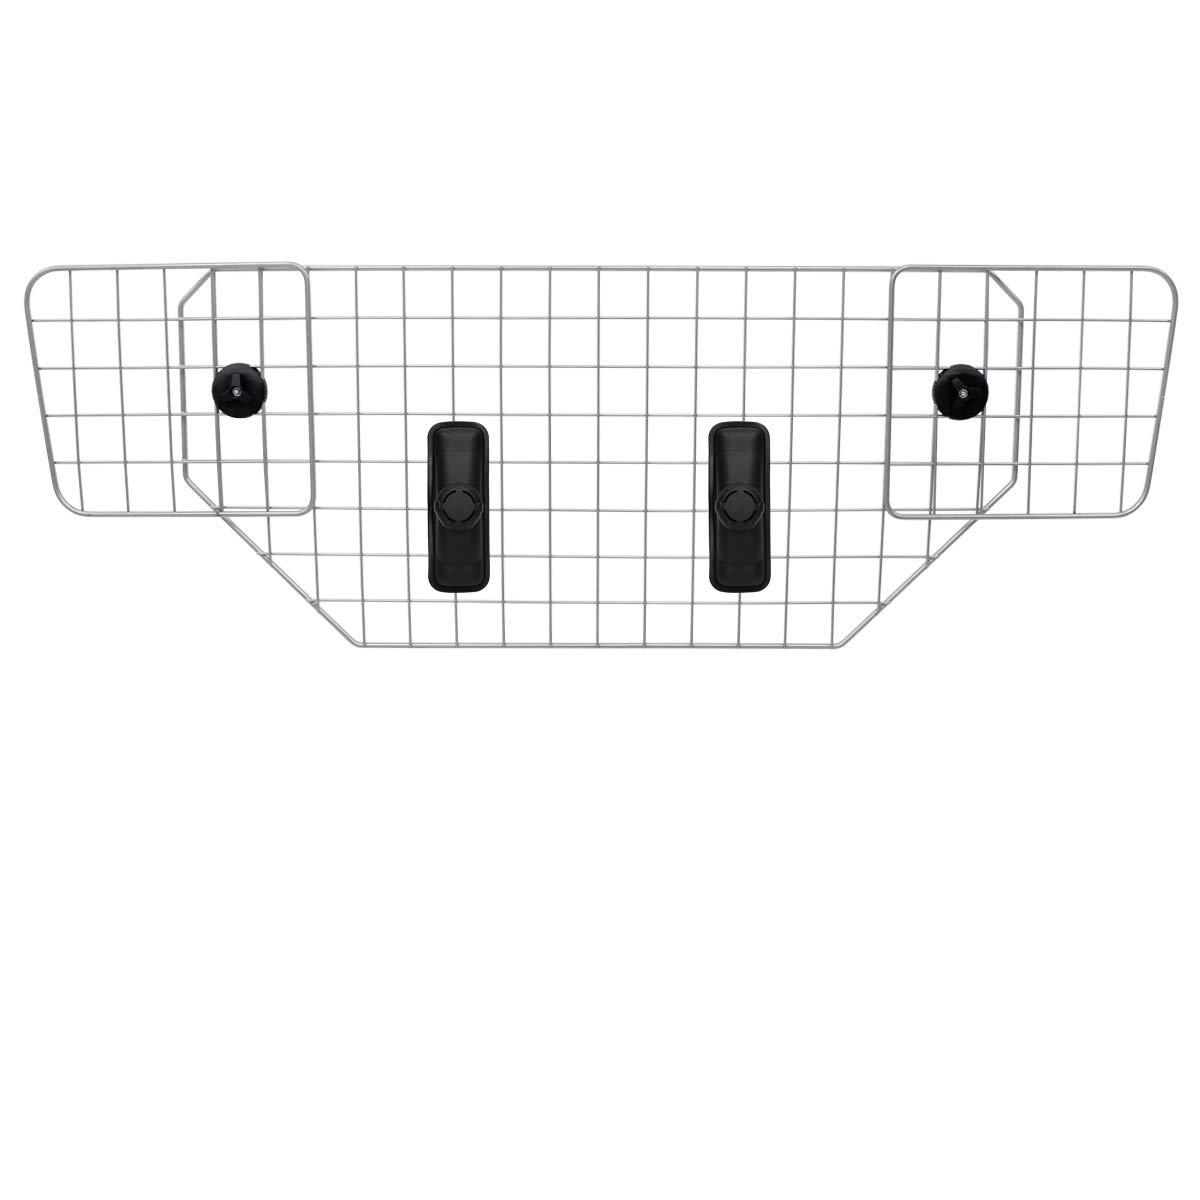 ECD Germany Griglia Protezione Bagagli Universale per Auto - Regolabile 82-148 cm - Griglia Separatrice Bagagli e Cani Universale Regolabile 82-148 Cm